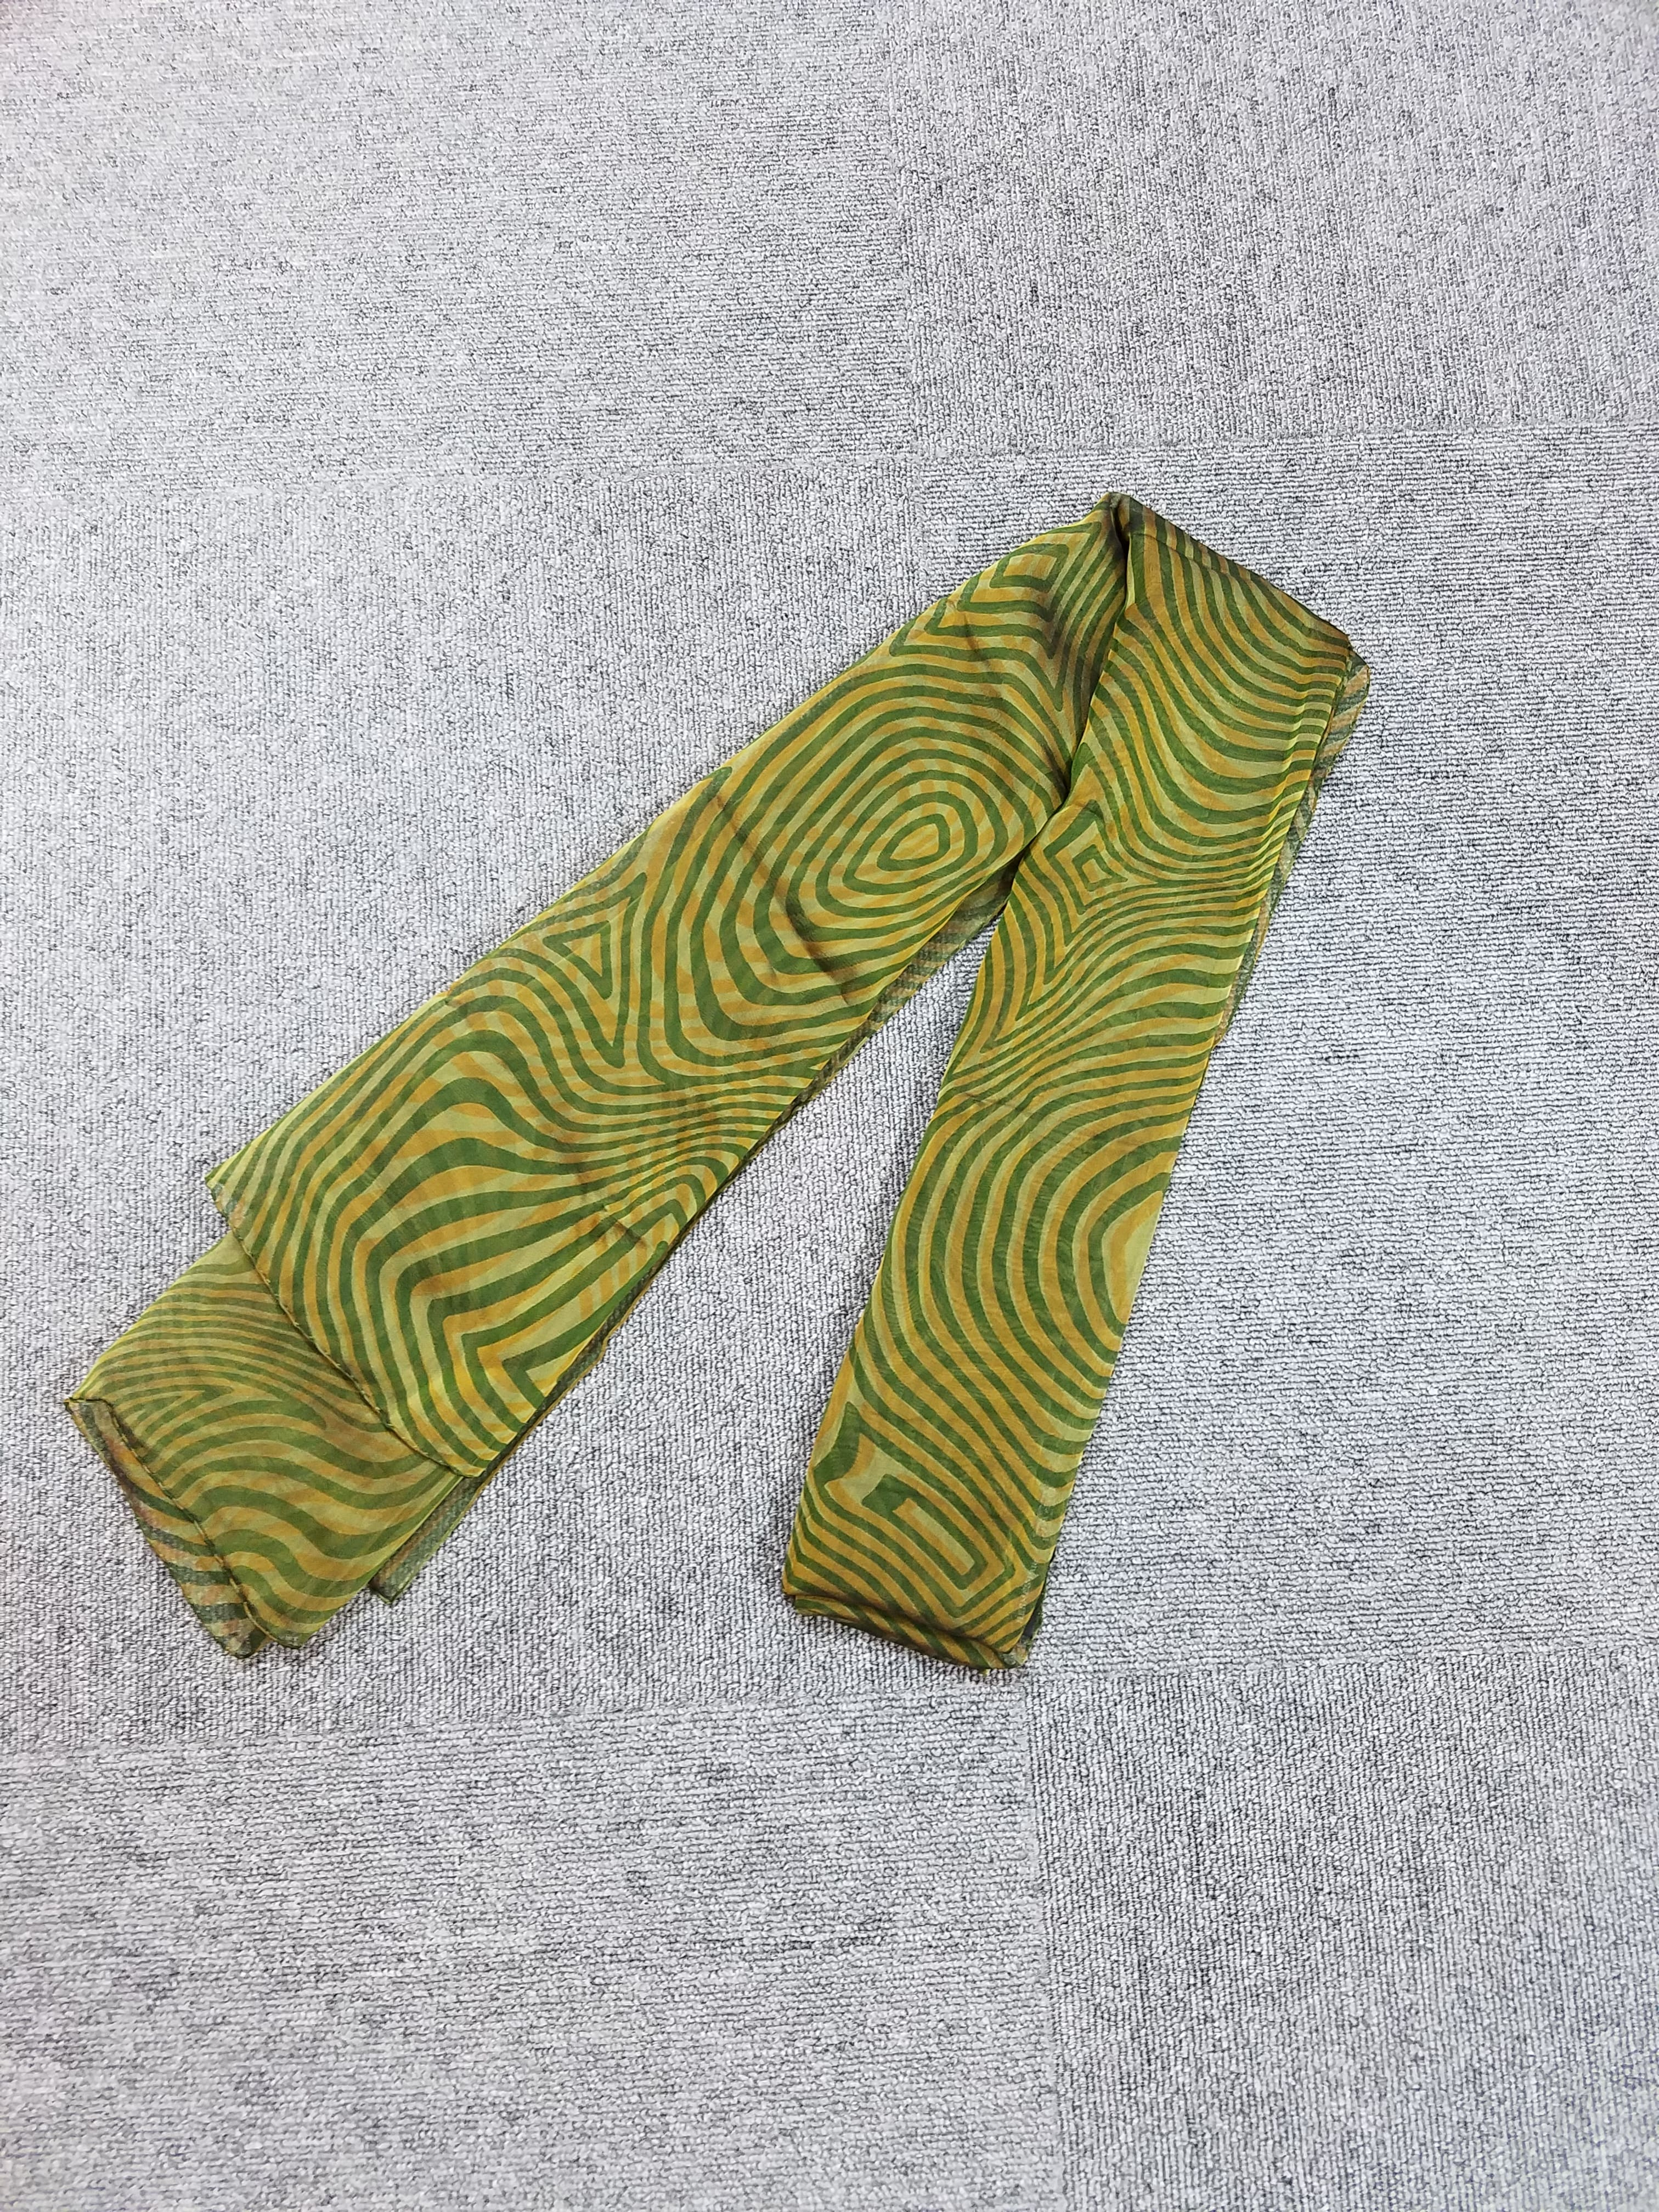 エルメス カレ90 モスリンスカーフ シルク グリーン系